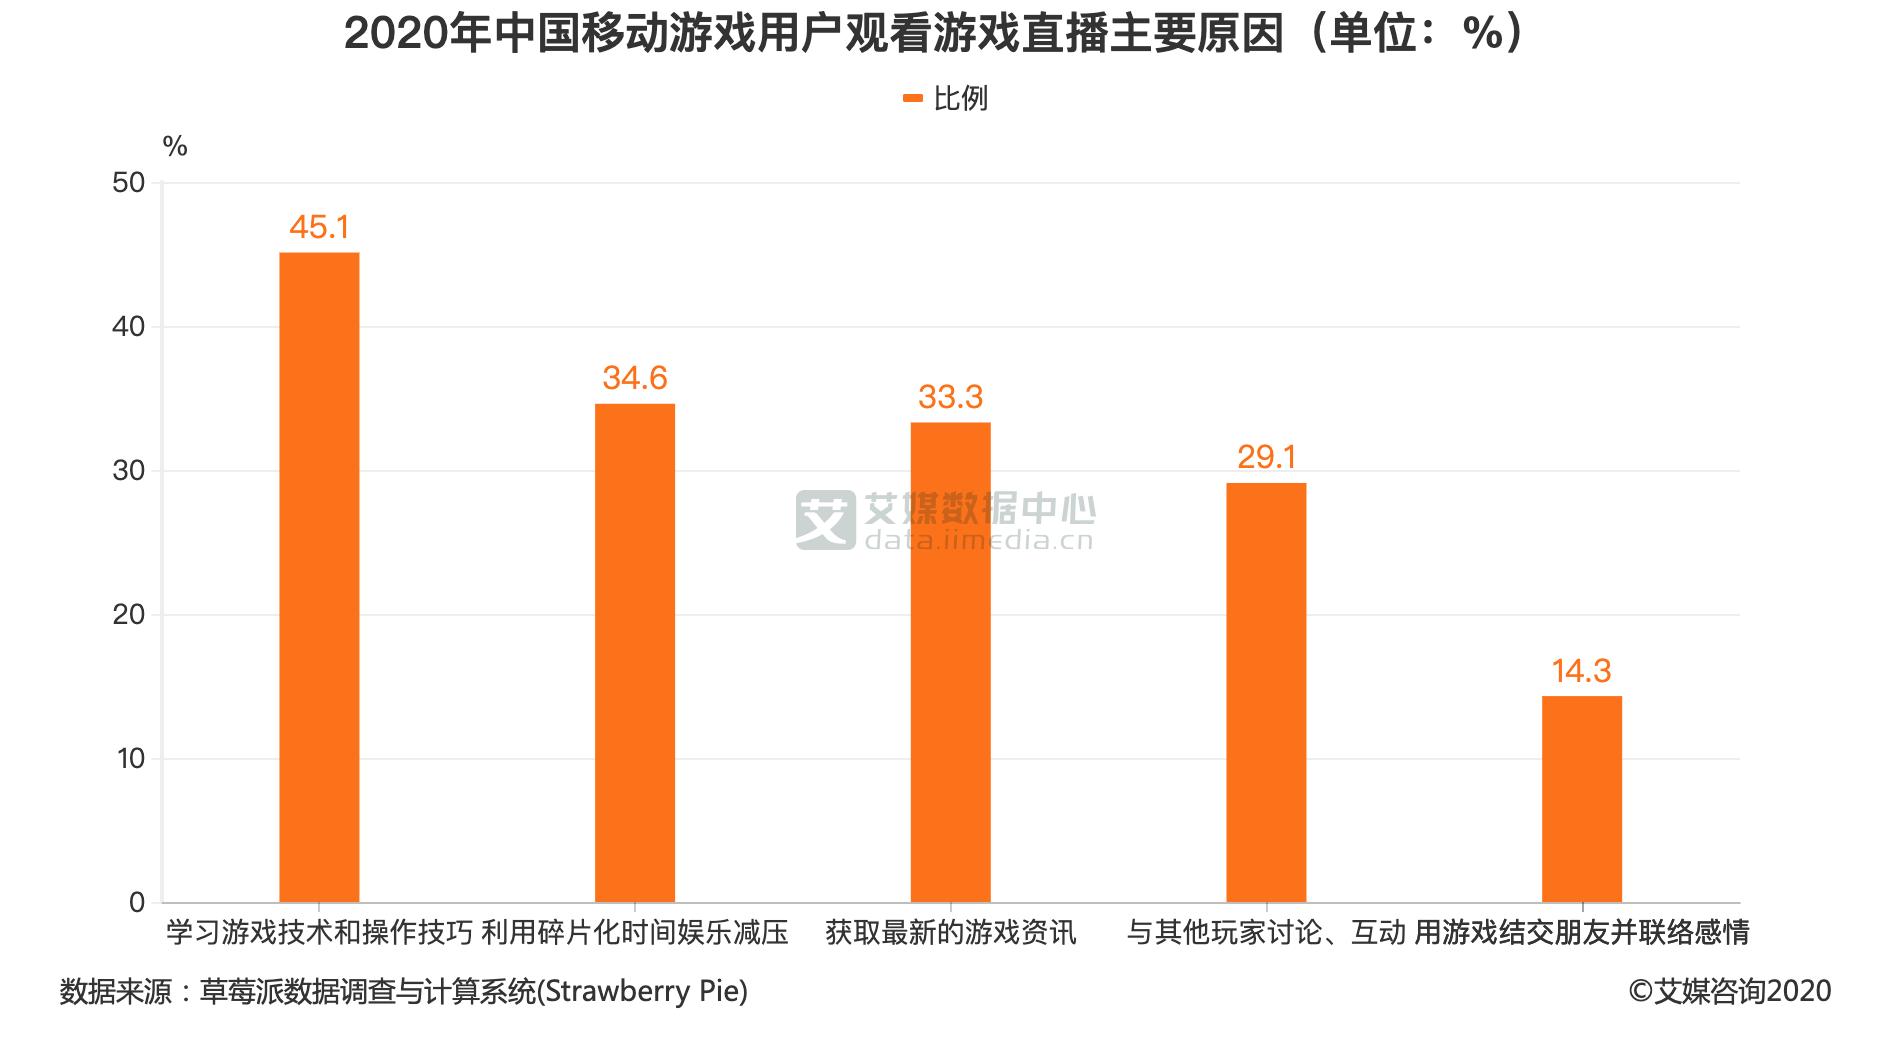 2020年中国移动游戏用户观看游戏直播主要原因(单位:%)